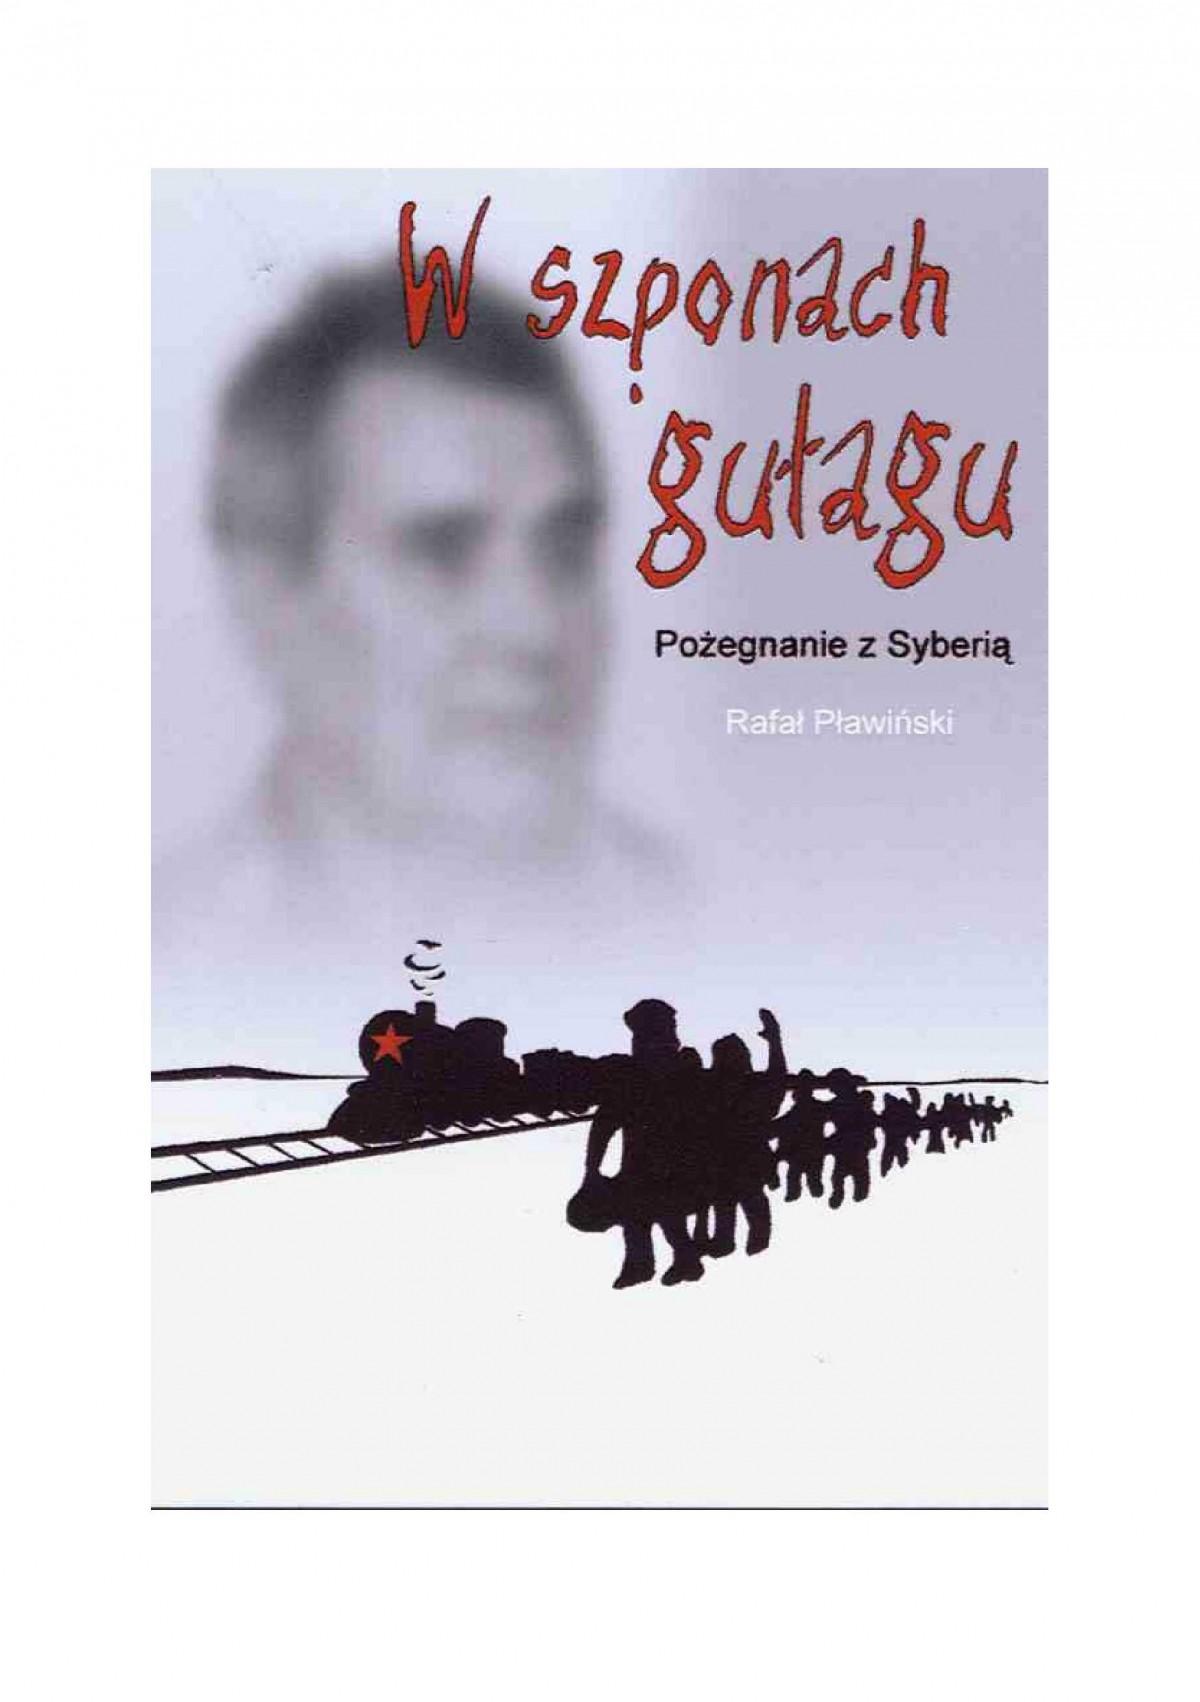 W szponach gułagu: Pożegnanie z Syberią - Ebook (Książka PDF) do pobrania w formacie PDF